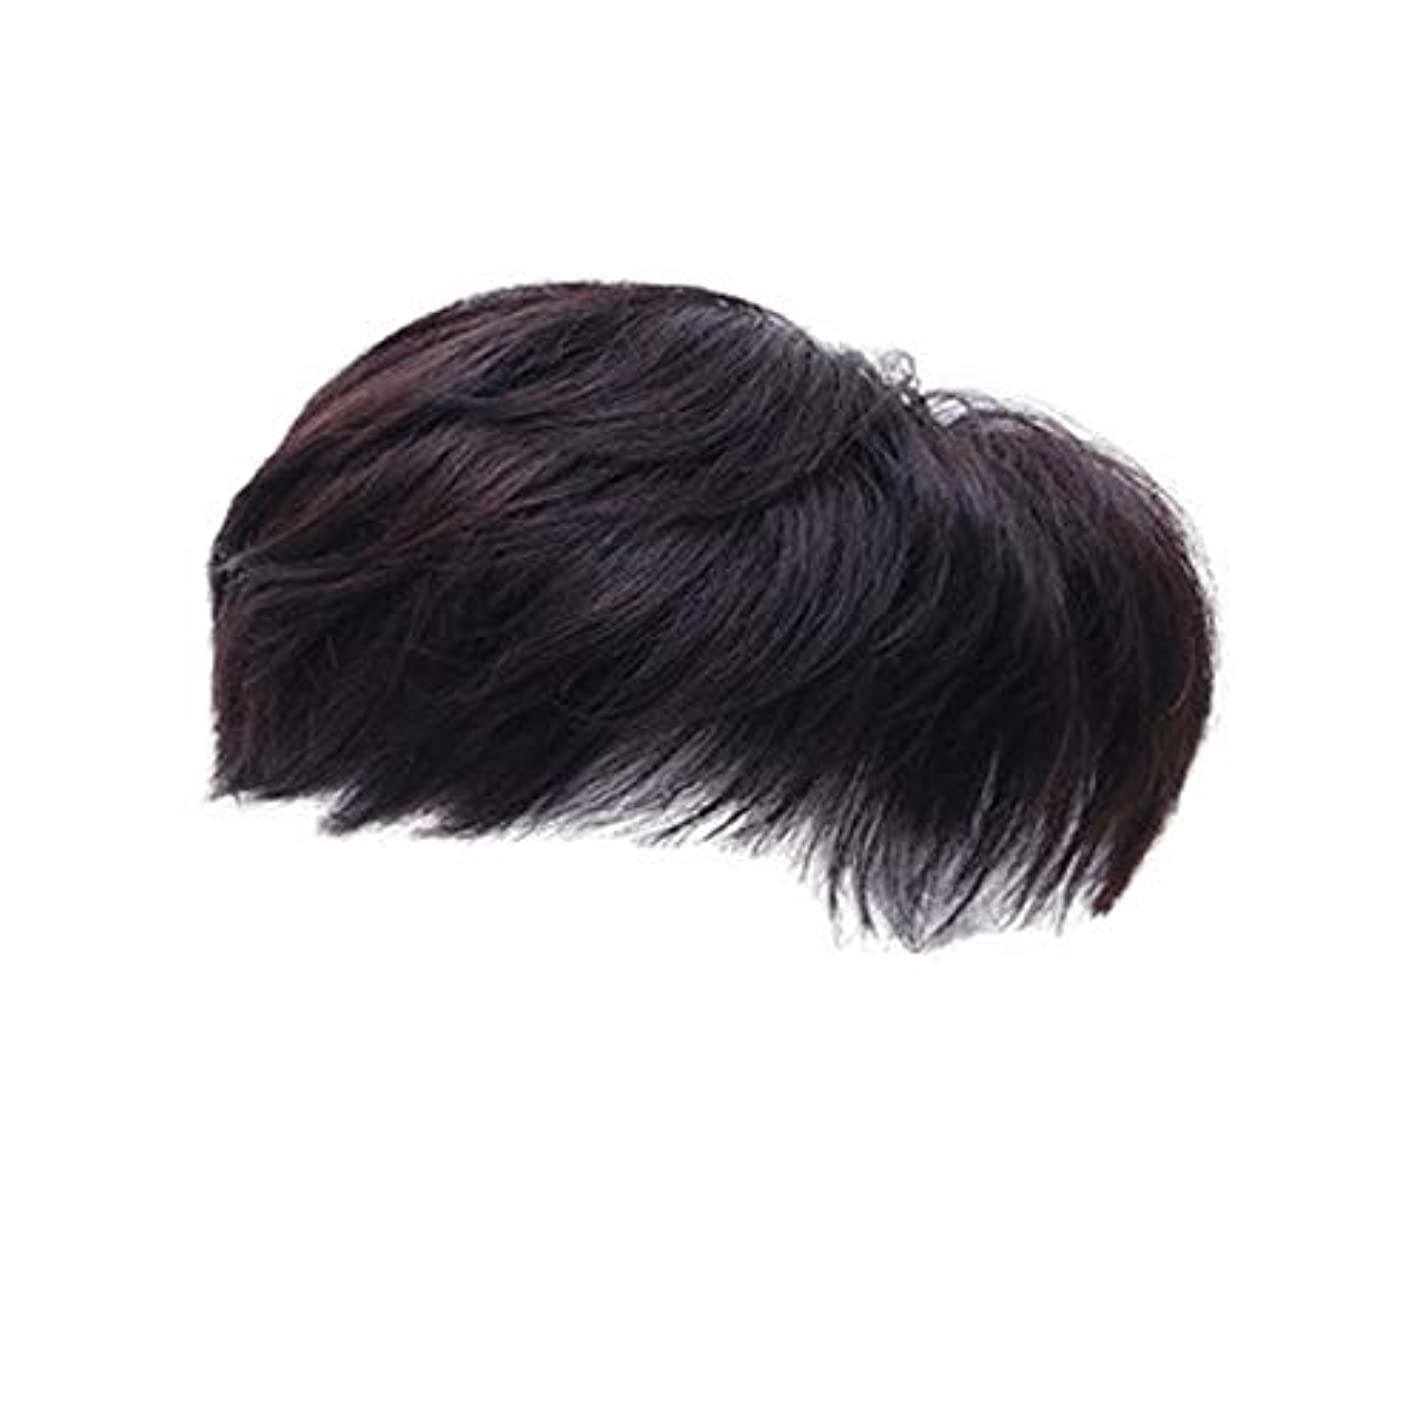 構成員コンパス掃くCN ウィッグ男性ショートヘア気質テクスチャホット髪の手織りヘッドトップの交換ワンピースメンズウィッグハンサムウィッグセット (Color : Black)